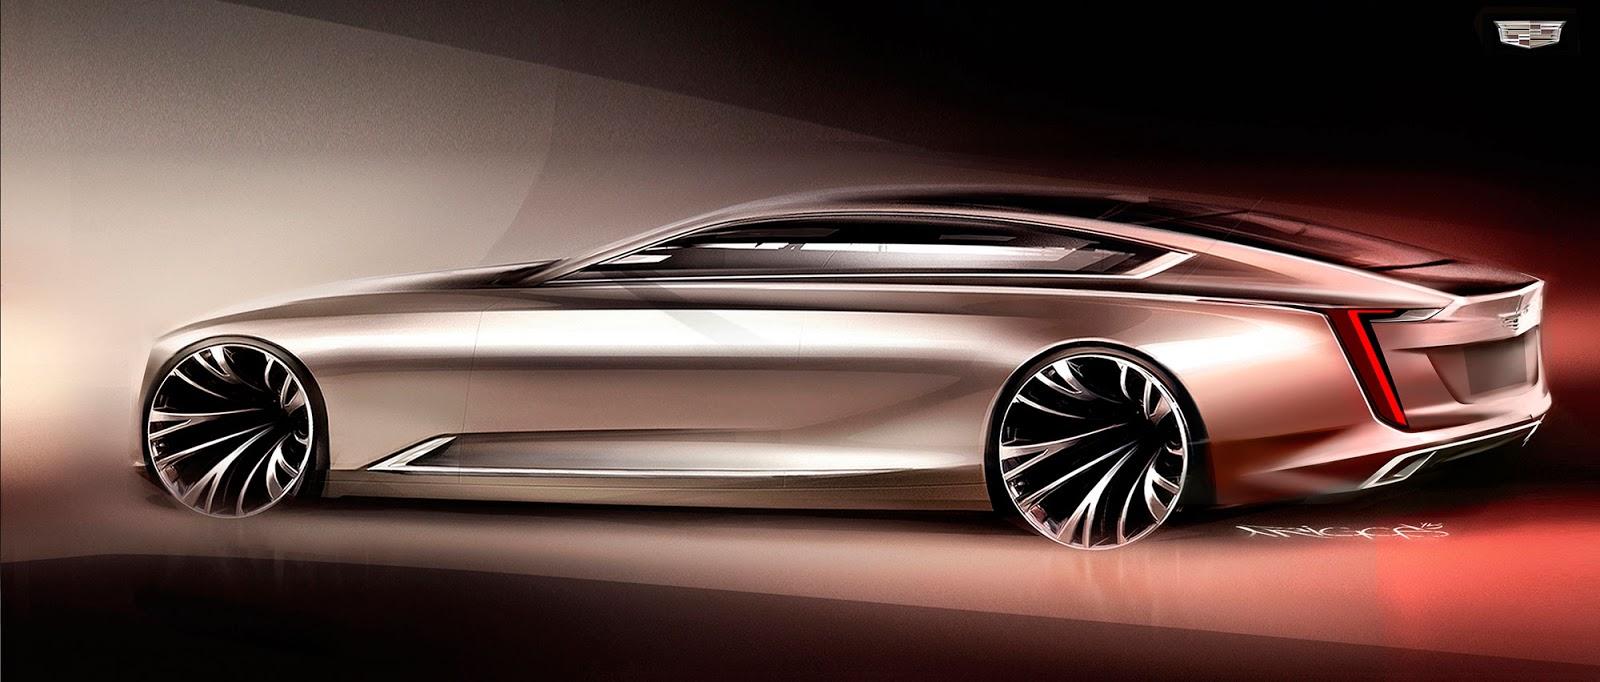 Cadillac Escala concept sketch by Aaron Riggs